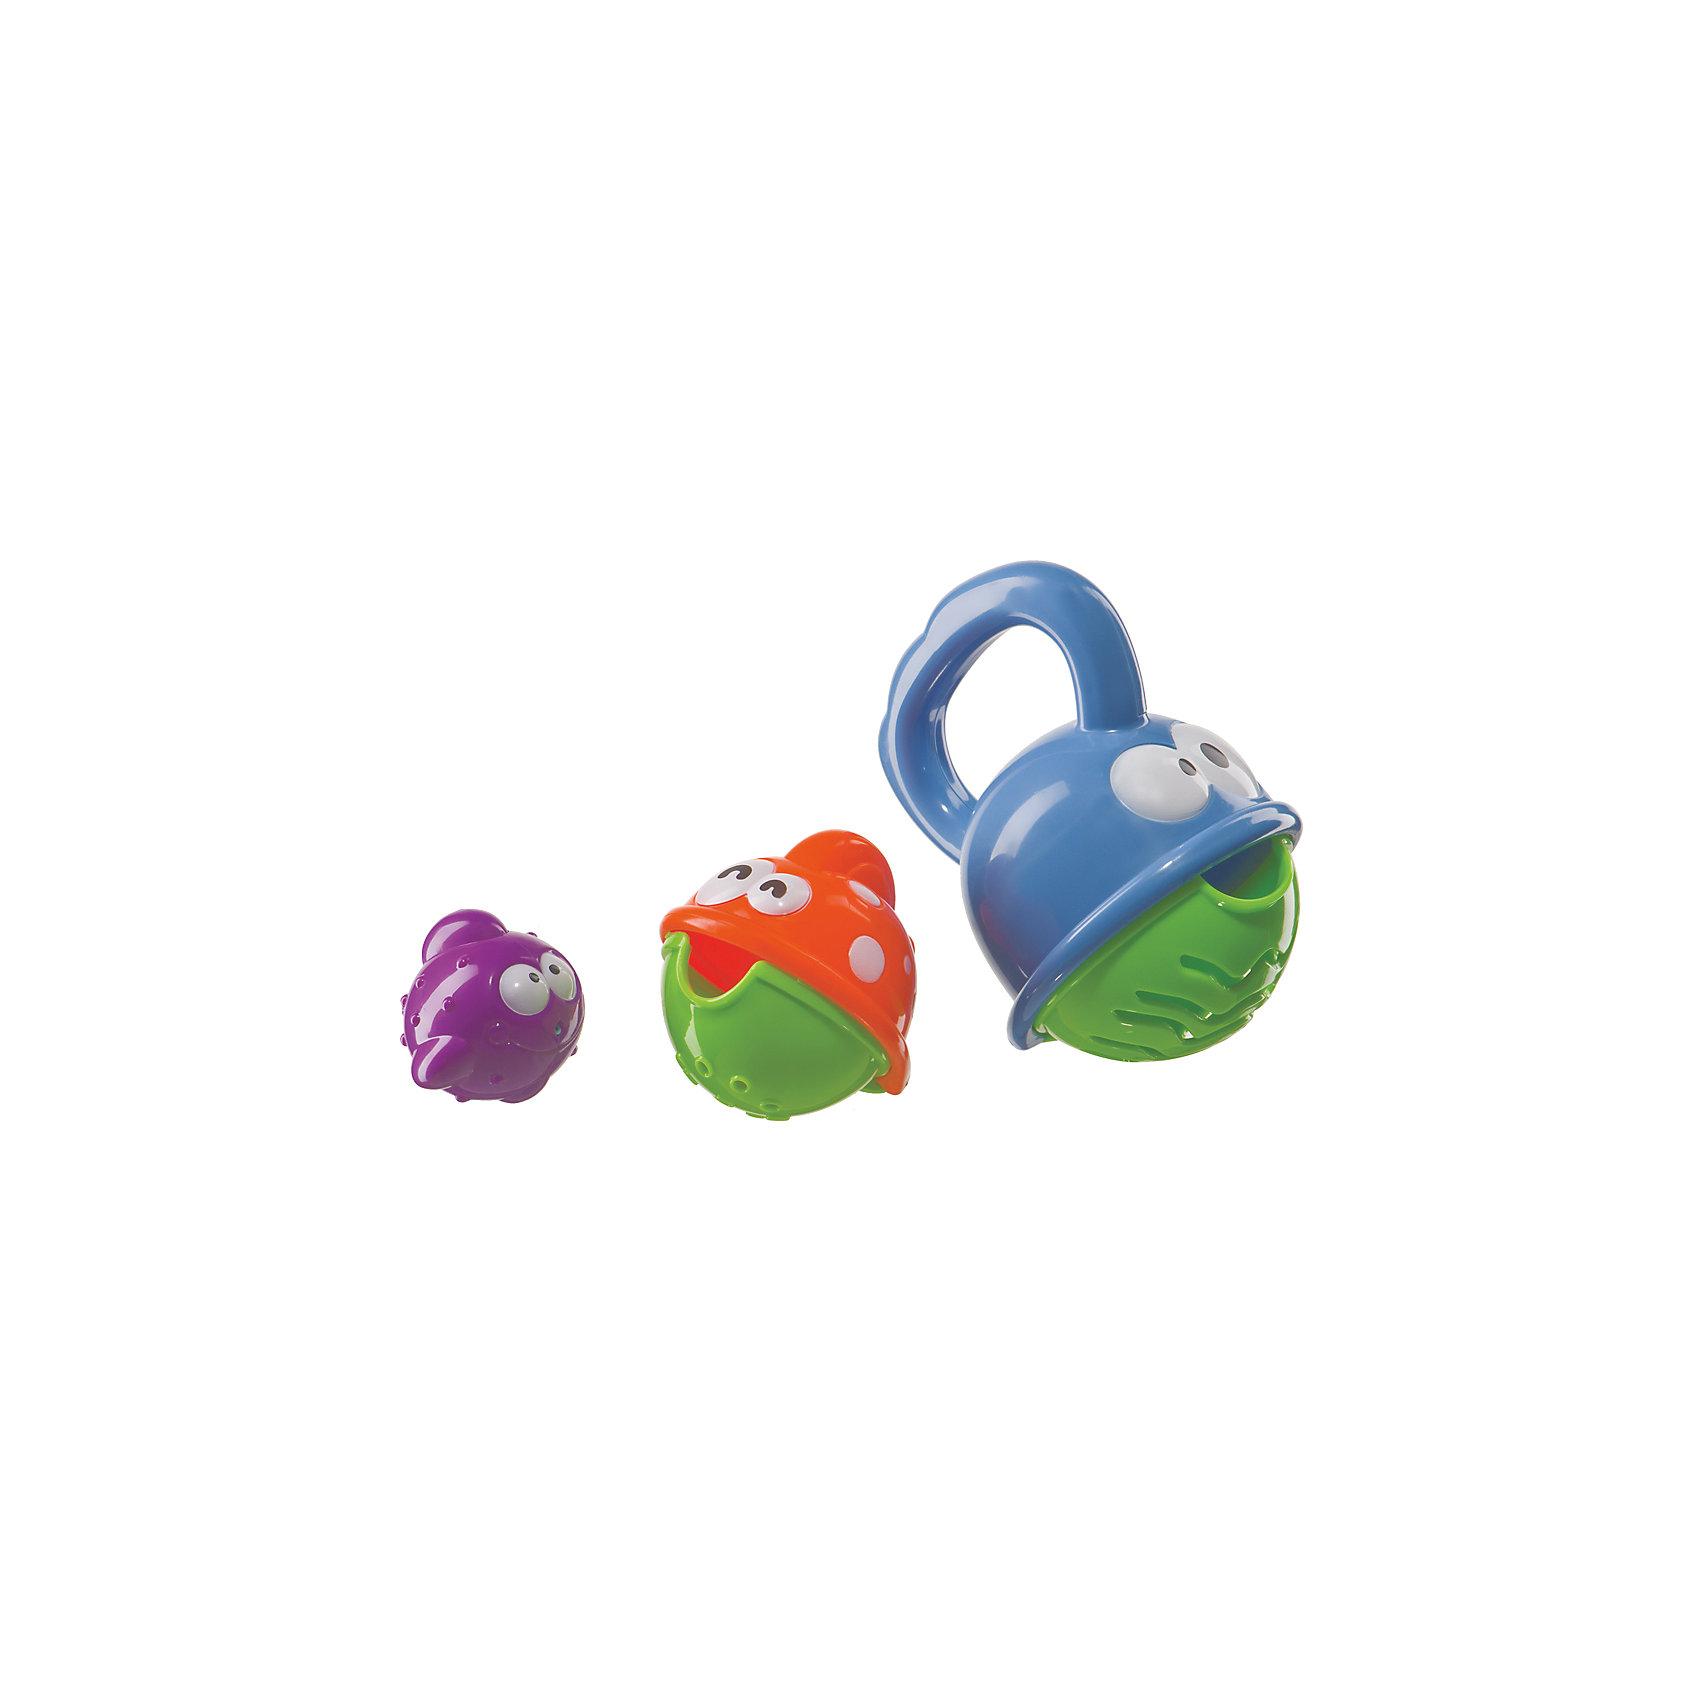 Игрушка для ванной FISHERY, Happy BabyИгровые наборы<br>Характеристики:<br><br>• Предназначение: для игр в ванной, для развивающих игр<br>• Пол: универсальный<br>• Материал: пластик <br>• Комплектация: три рыбки разного размера и цвета<br>• Вес: 126 г<br>• Размеры упаковки (Д*В*Ш): 14,5*24*6 см<br>• Упаковка: блистер на картоне<br>• Особенности ухода: можно мыть в теплой мыльной воде<br><br>Игрушка для ванной FISHERY, Happy Baby – это многофункциональная игрушка, предназначенная для игр с водой или песком, а также для развивающих занятий. Набор состоит из трех рыбок в форме шаров, на брюшках у которых разные формы отверстий. Игрушка выполнены из безопасного пластика ярких цветов. <br><br>С помощью этого набора ребенок может познакомиться со таким свойством воды, как текучесть. Изучить цвета или значение больше-меньше. Игрушки можно собирать по типу матрешки: одна в другую. Самую маленькую рыбку можно использовать в качестве брызгалки. С игрушкой для ванной FISHERY, Happy Baby купание вашего малыша будет не только приятным и увлекательным, но и познавательным времяпрепровождением.<br><br>Игрушку для ванной FISHERY, Happy Baby можно купить в нашем интернет-магазине.<br><br>Ширина мм: 65<br>Глубина мм: 145<br>Высота мм: 245<br>Вес г: 126<br>Возраст от месяцев: 3<br>Возраст до месяцев: 36<br>Пол: Унисекс<br>Возраст: Детский<br>SKU: 5345684